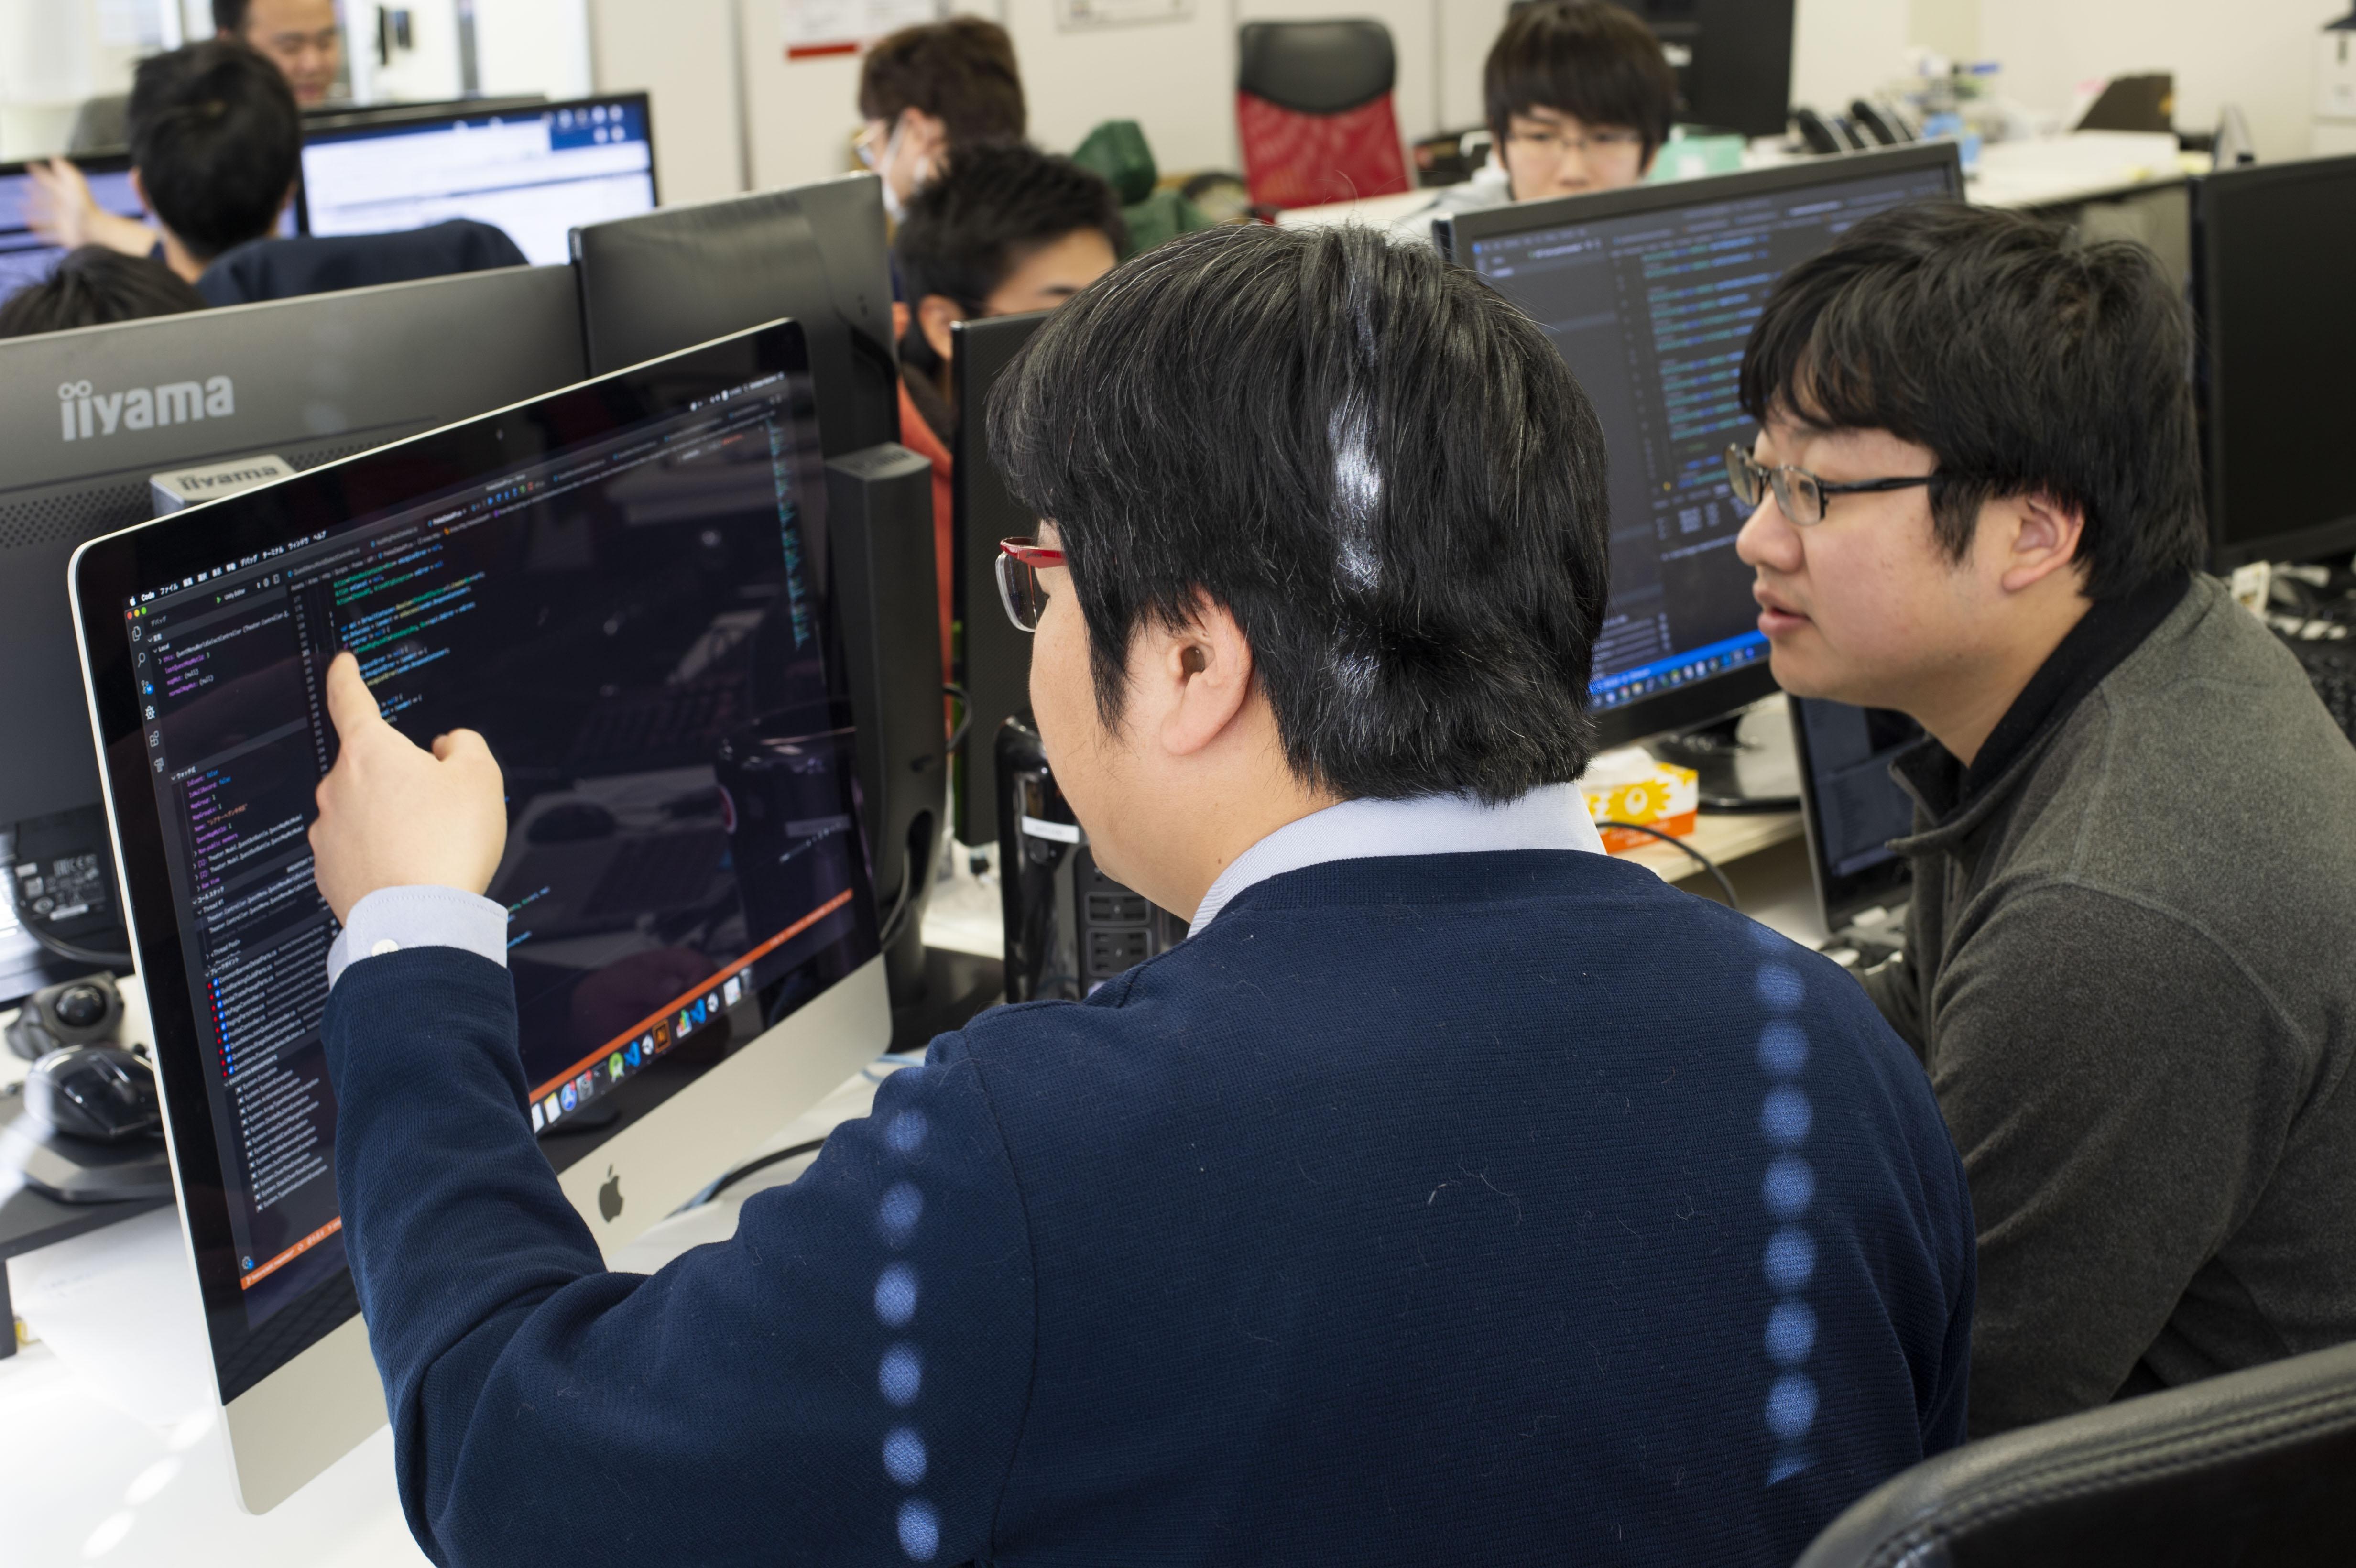 【クライアントエンジニア・サーバーエンジニア】ゲーム・アプリの運営や新規開発等◆高知でゲームを作りたいエンジニア募集!